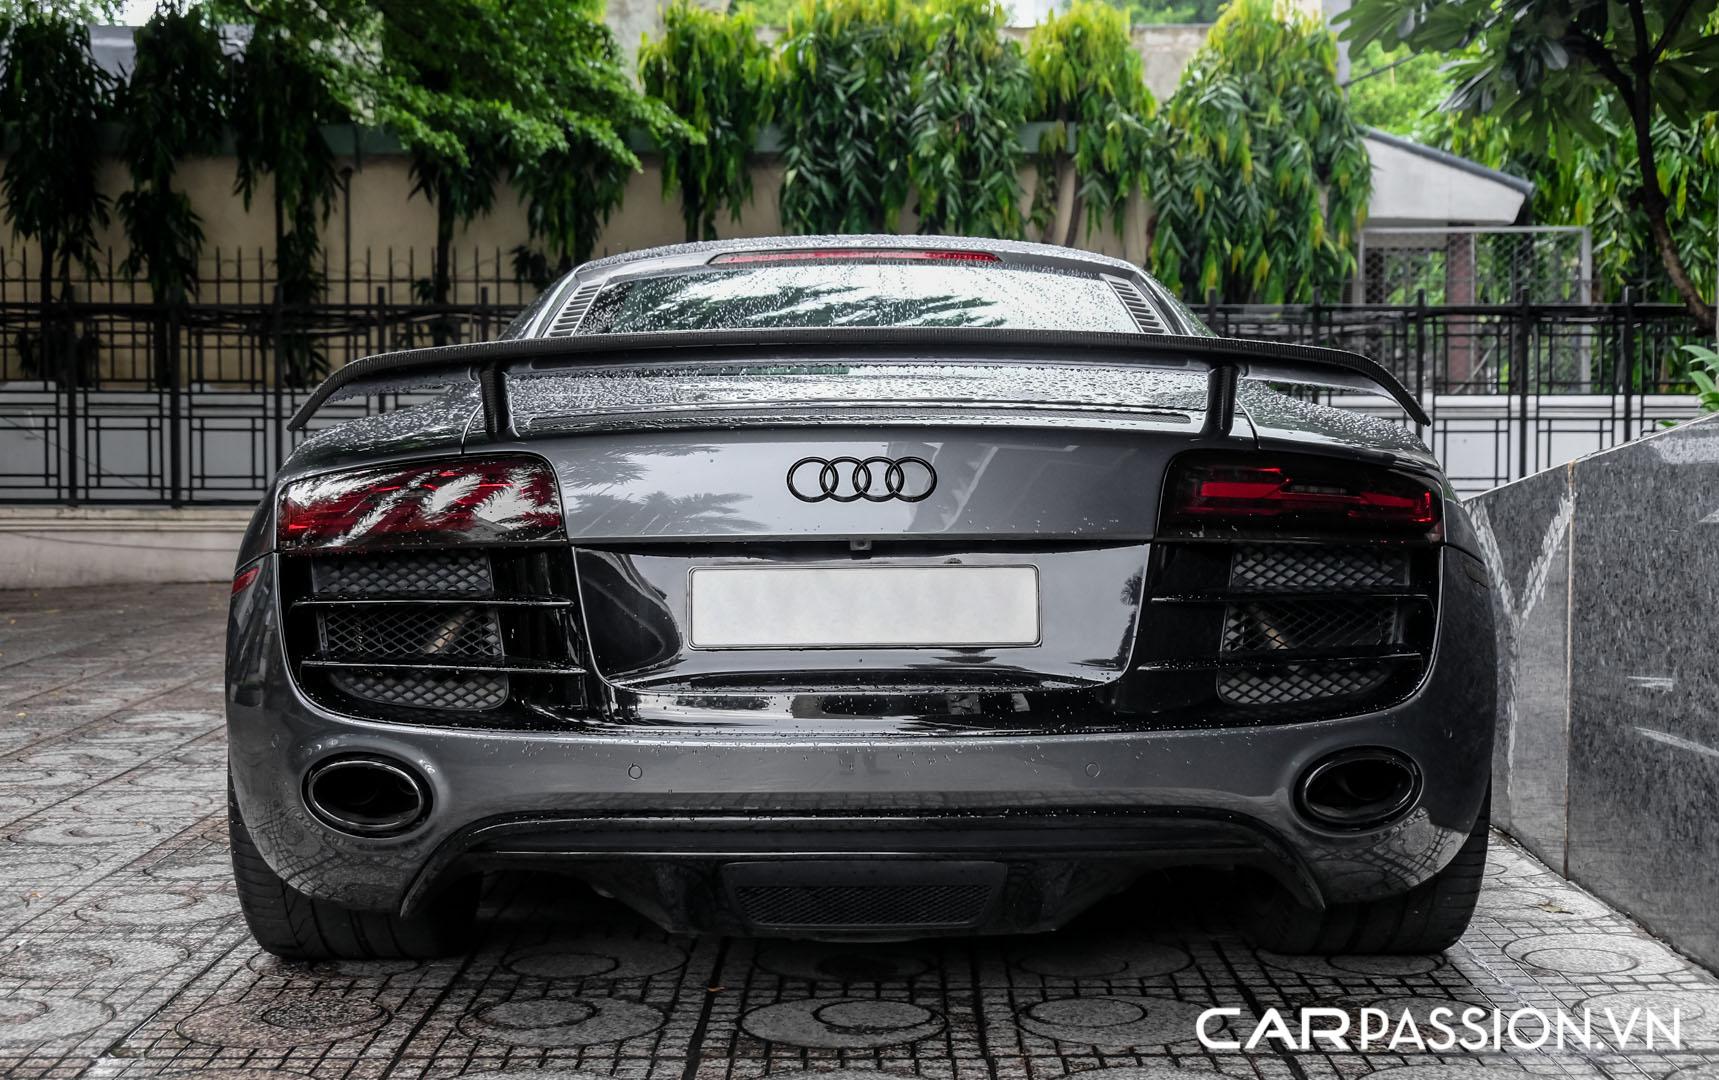 CP-Audi R8 V10 số sàn độ khủng (12).jpg